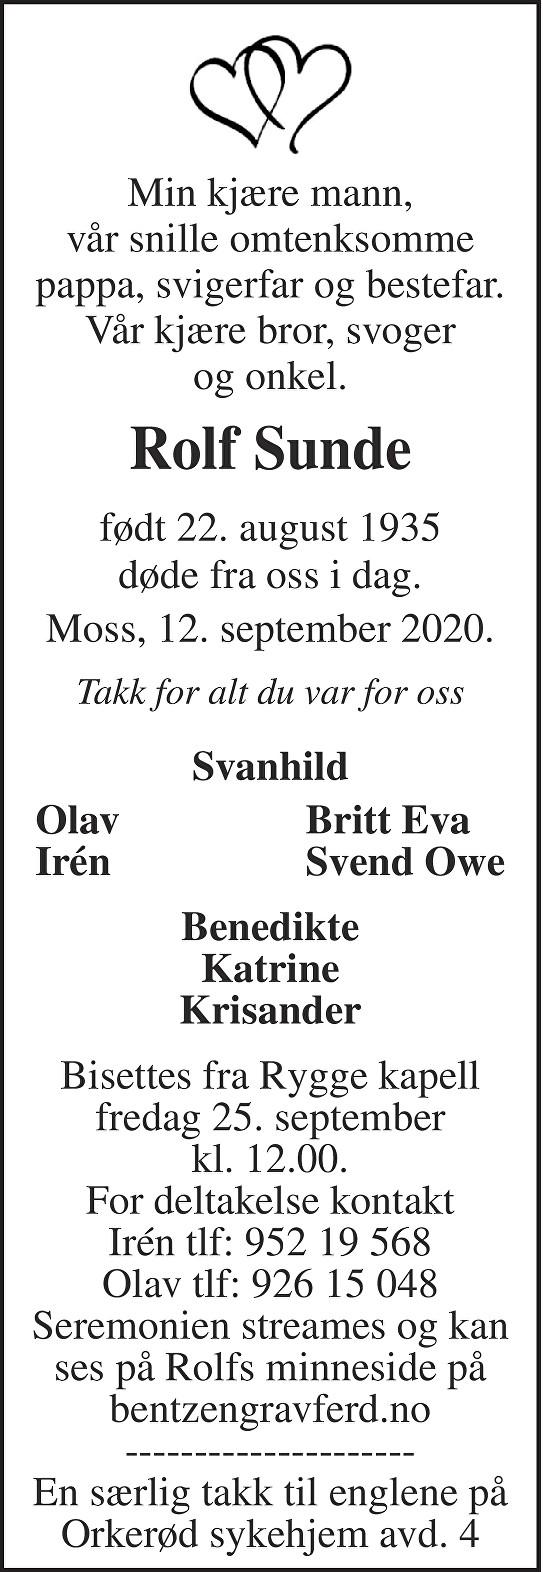 Rolf Sunde Dødsannonse